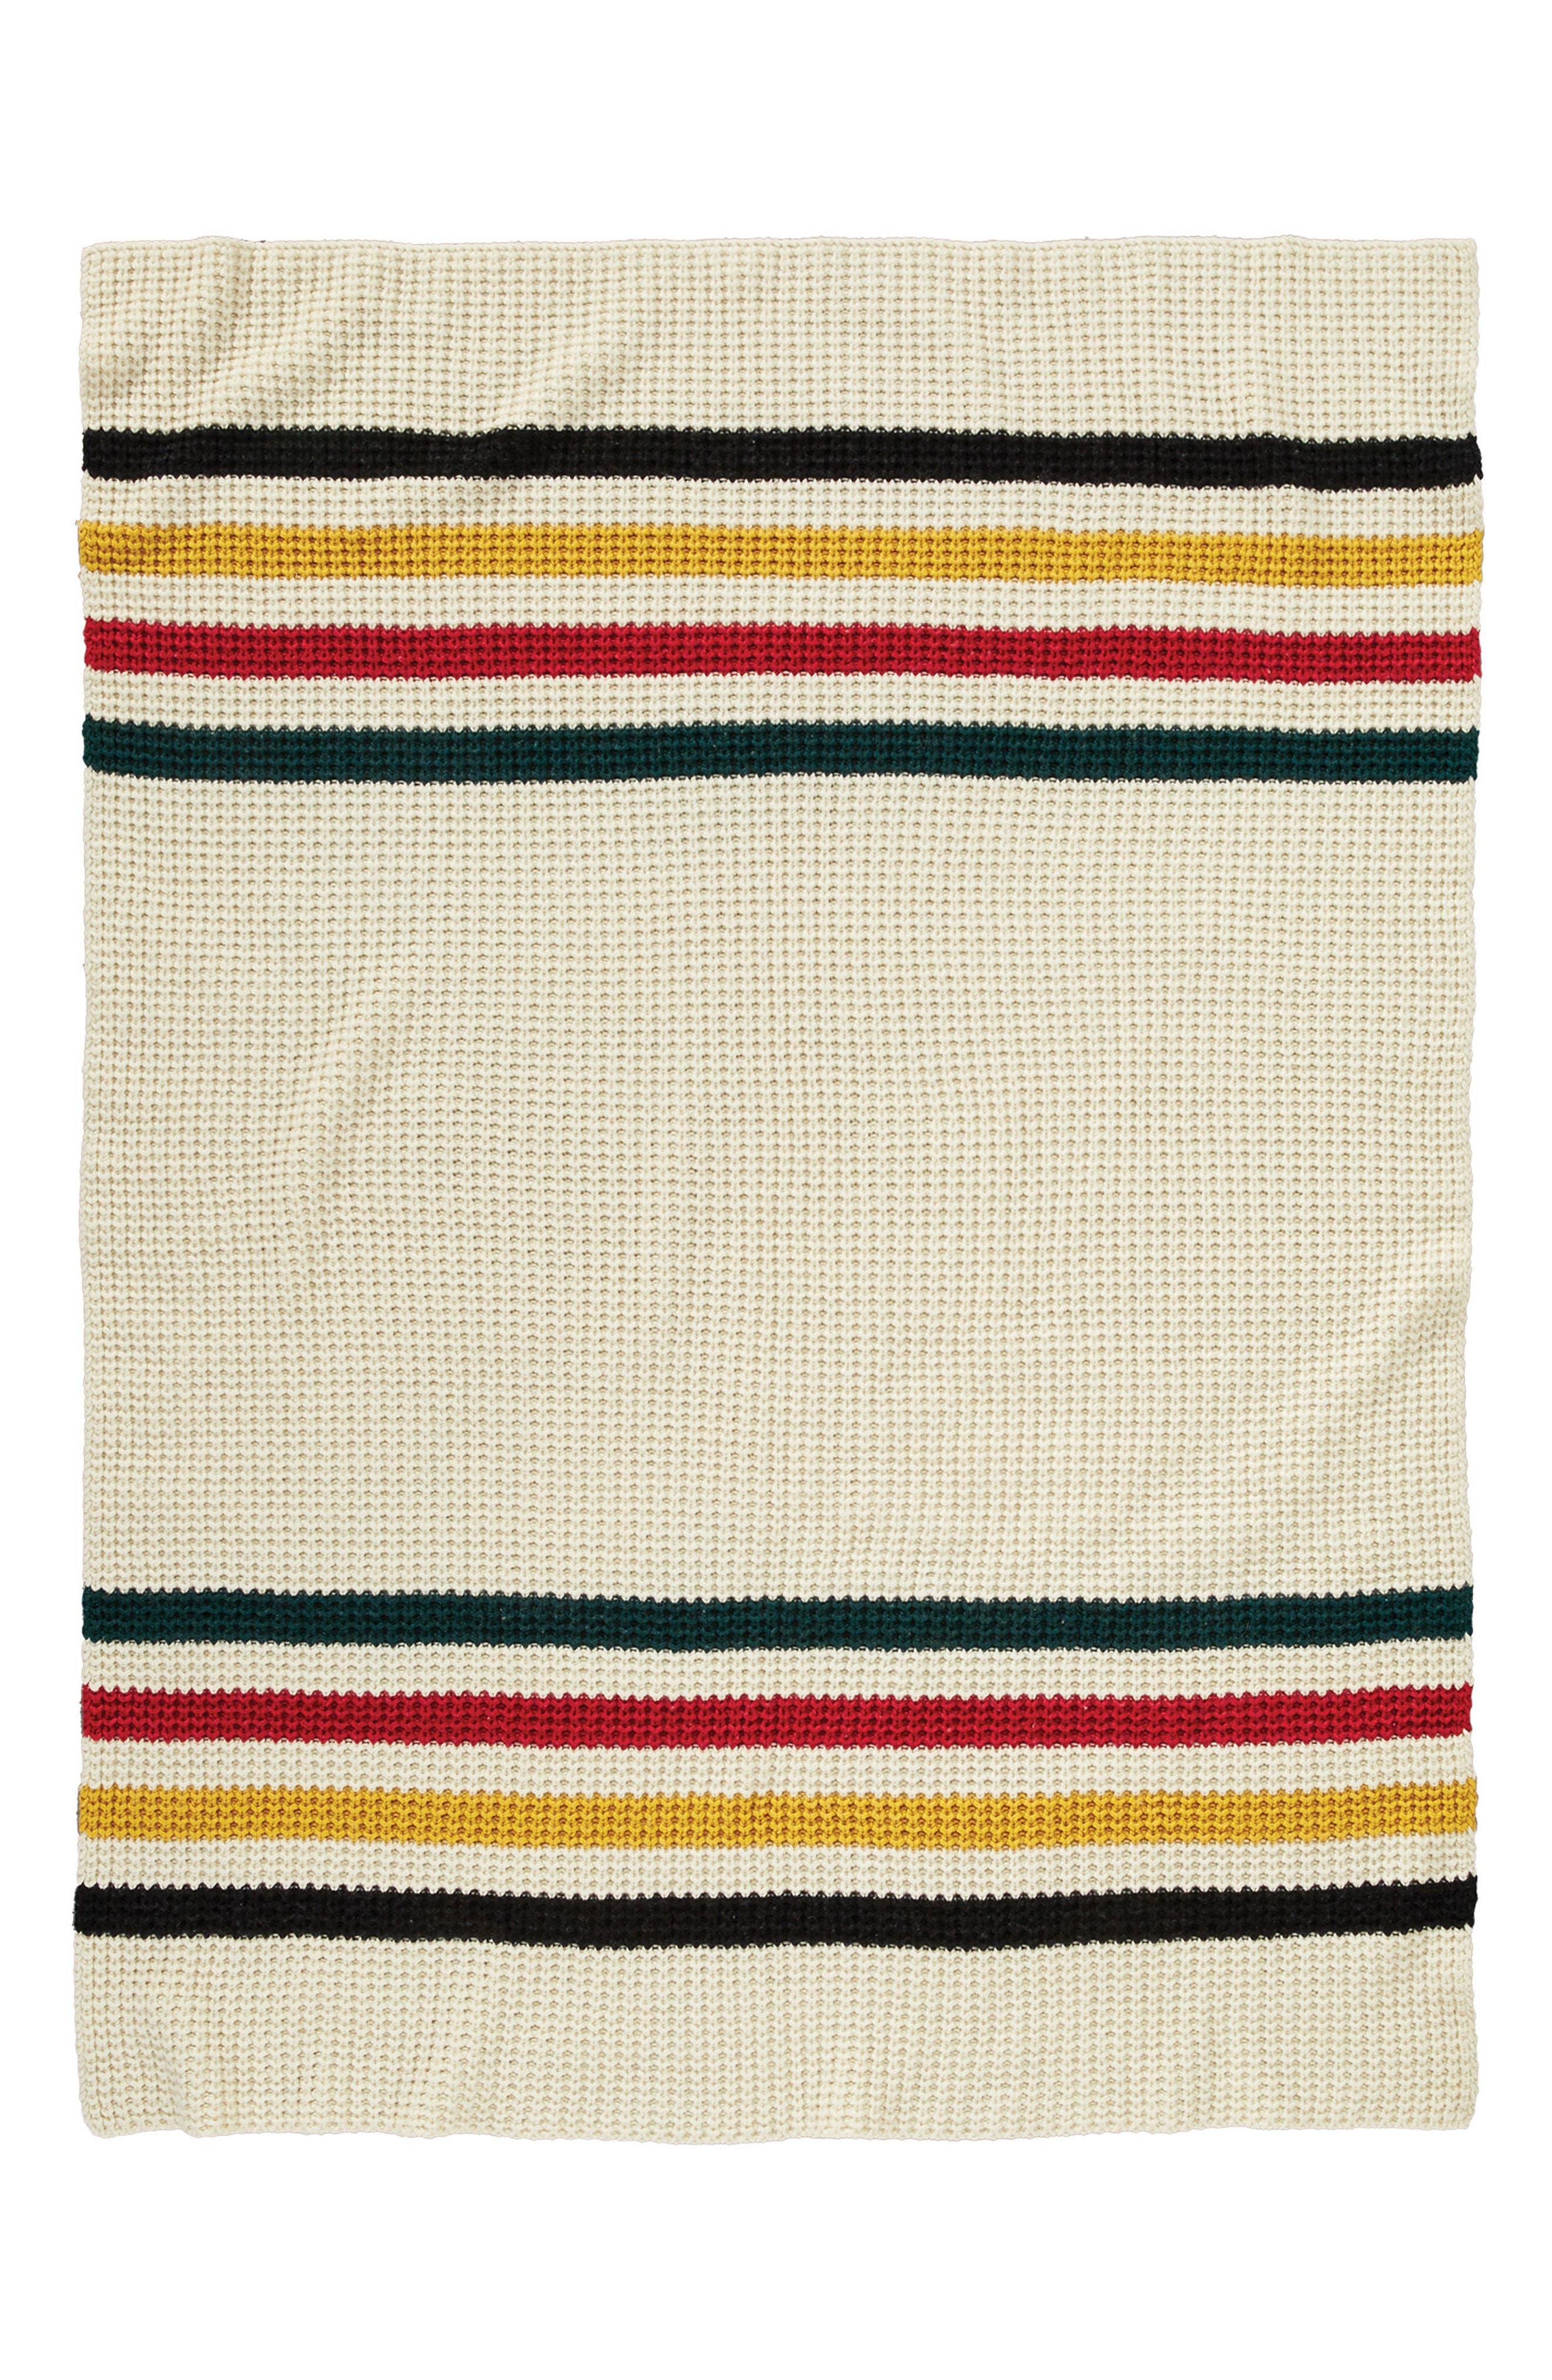 Glacier Knit Throw Blanket,                         Main,                         color, 104